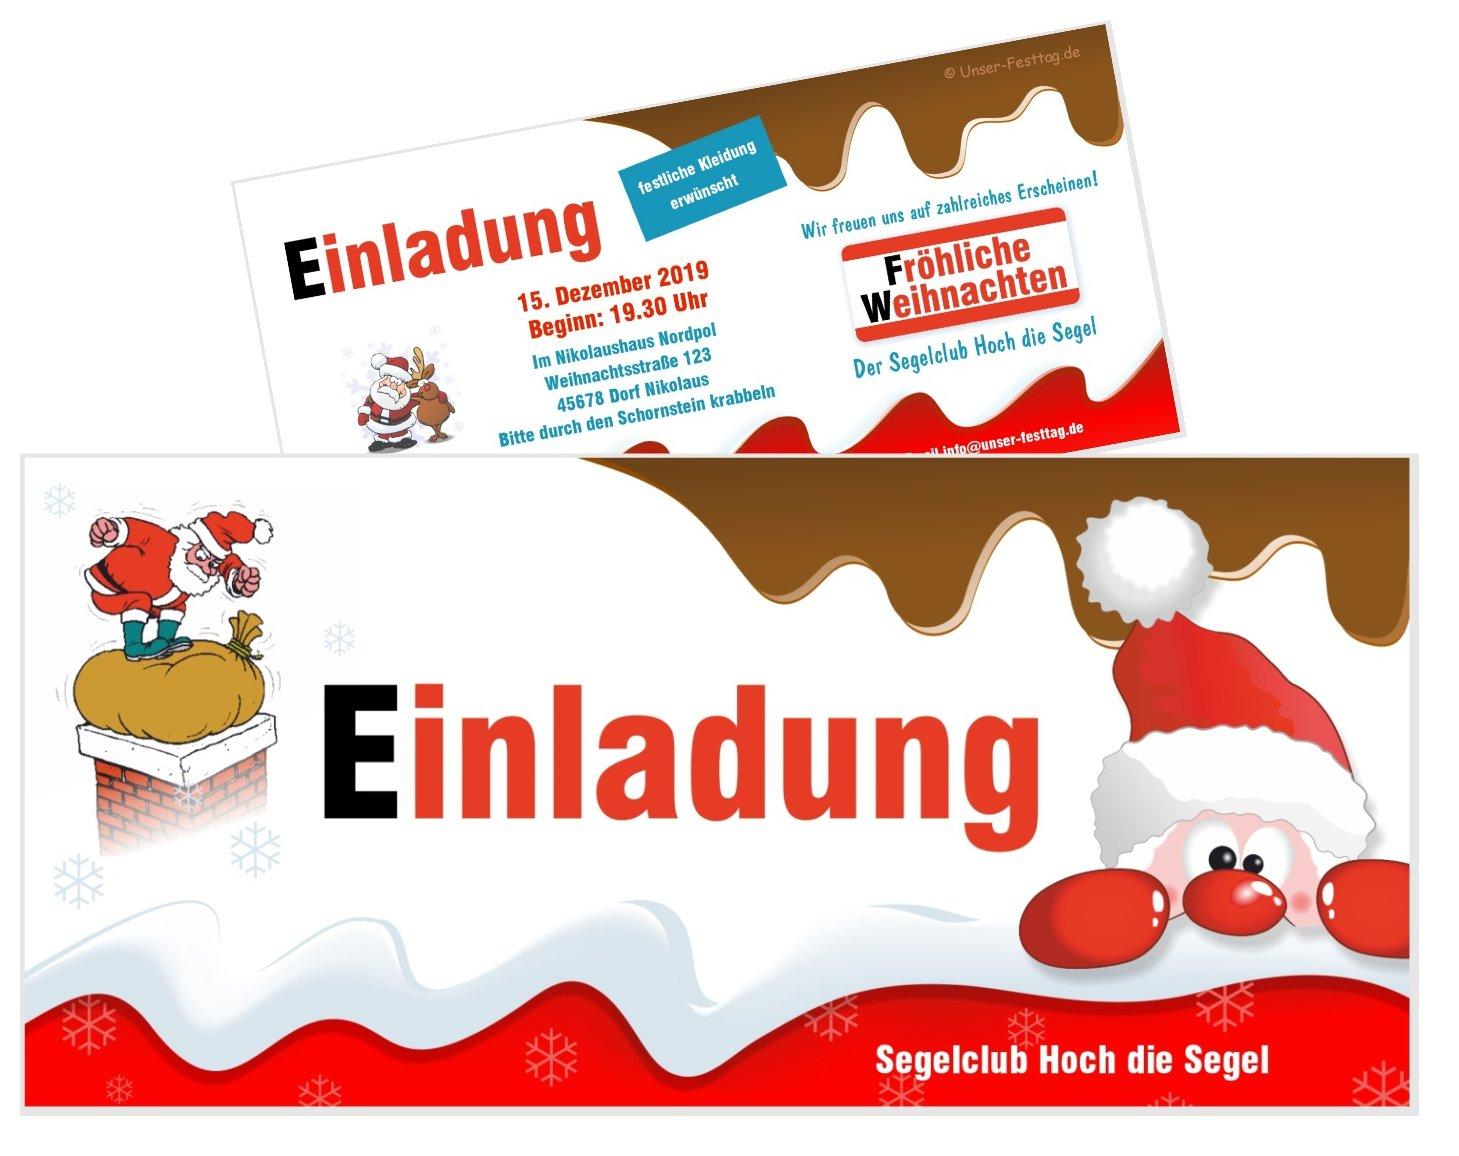 Einladung Weihnachtsfeier Firma.Einladungskarte Schoko Mit Nikolaus